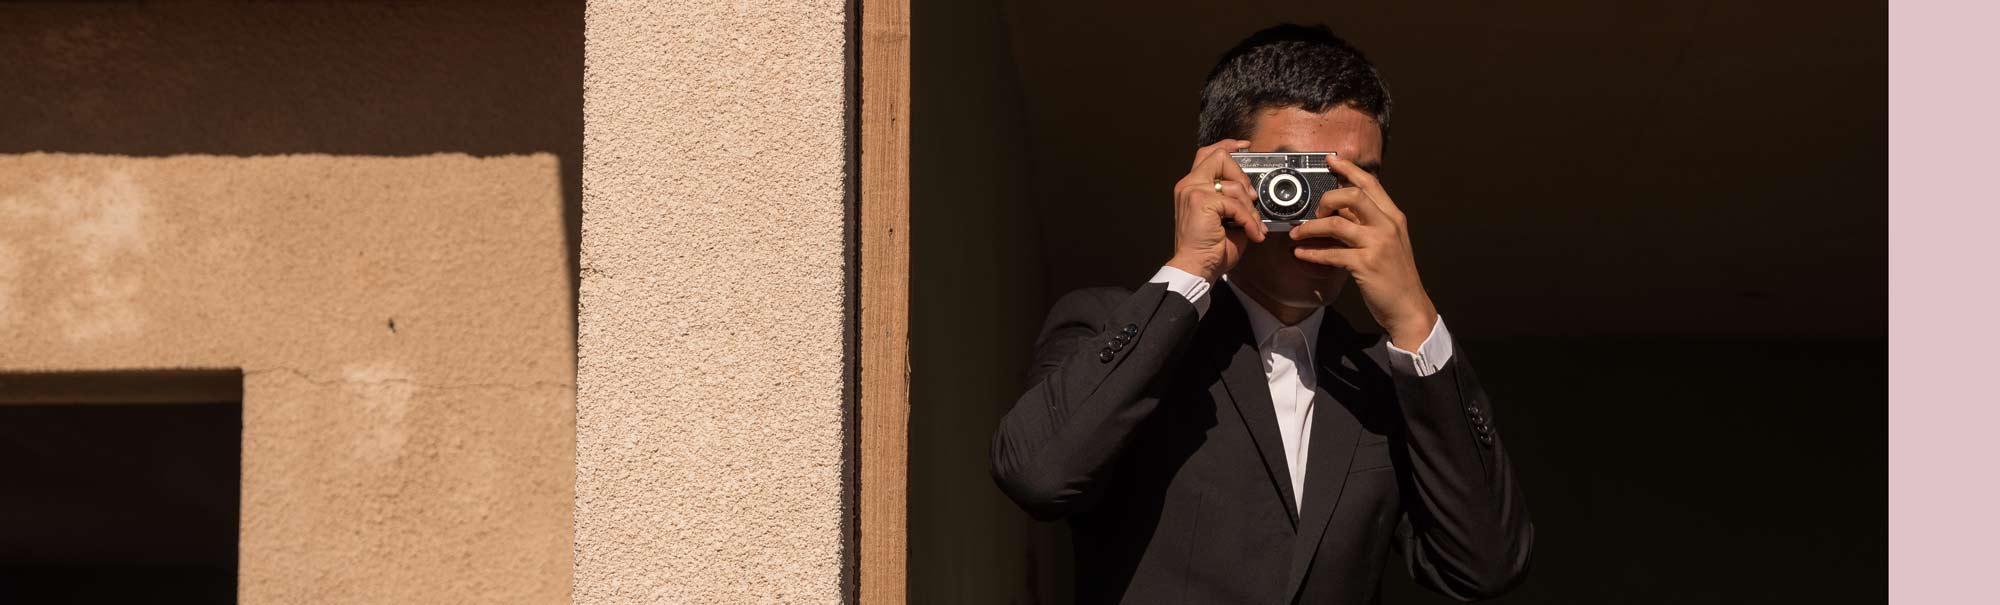 GPP PhotoWeek 2018 - The Shootout